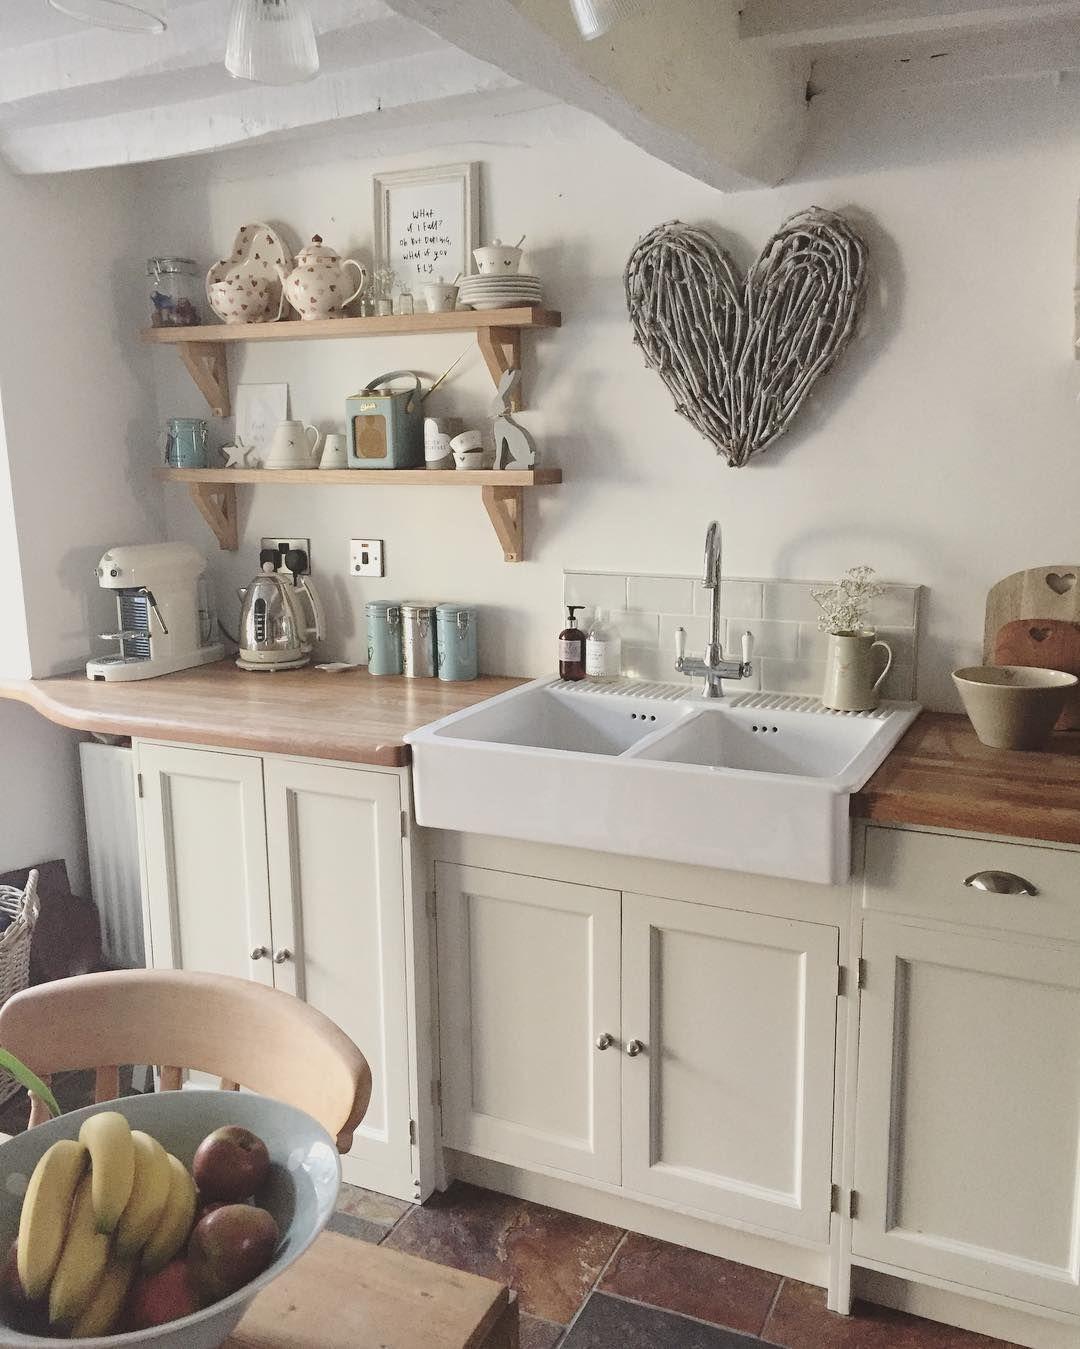 l cke f r m dekorieren pinterest zuhause haus und k che dekoration. Black Bedroom Furniture Sets. Home Design Ideas